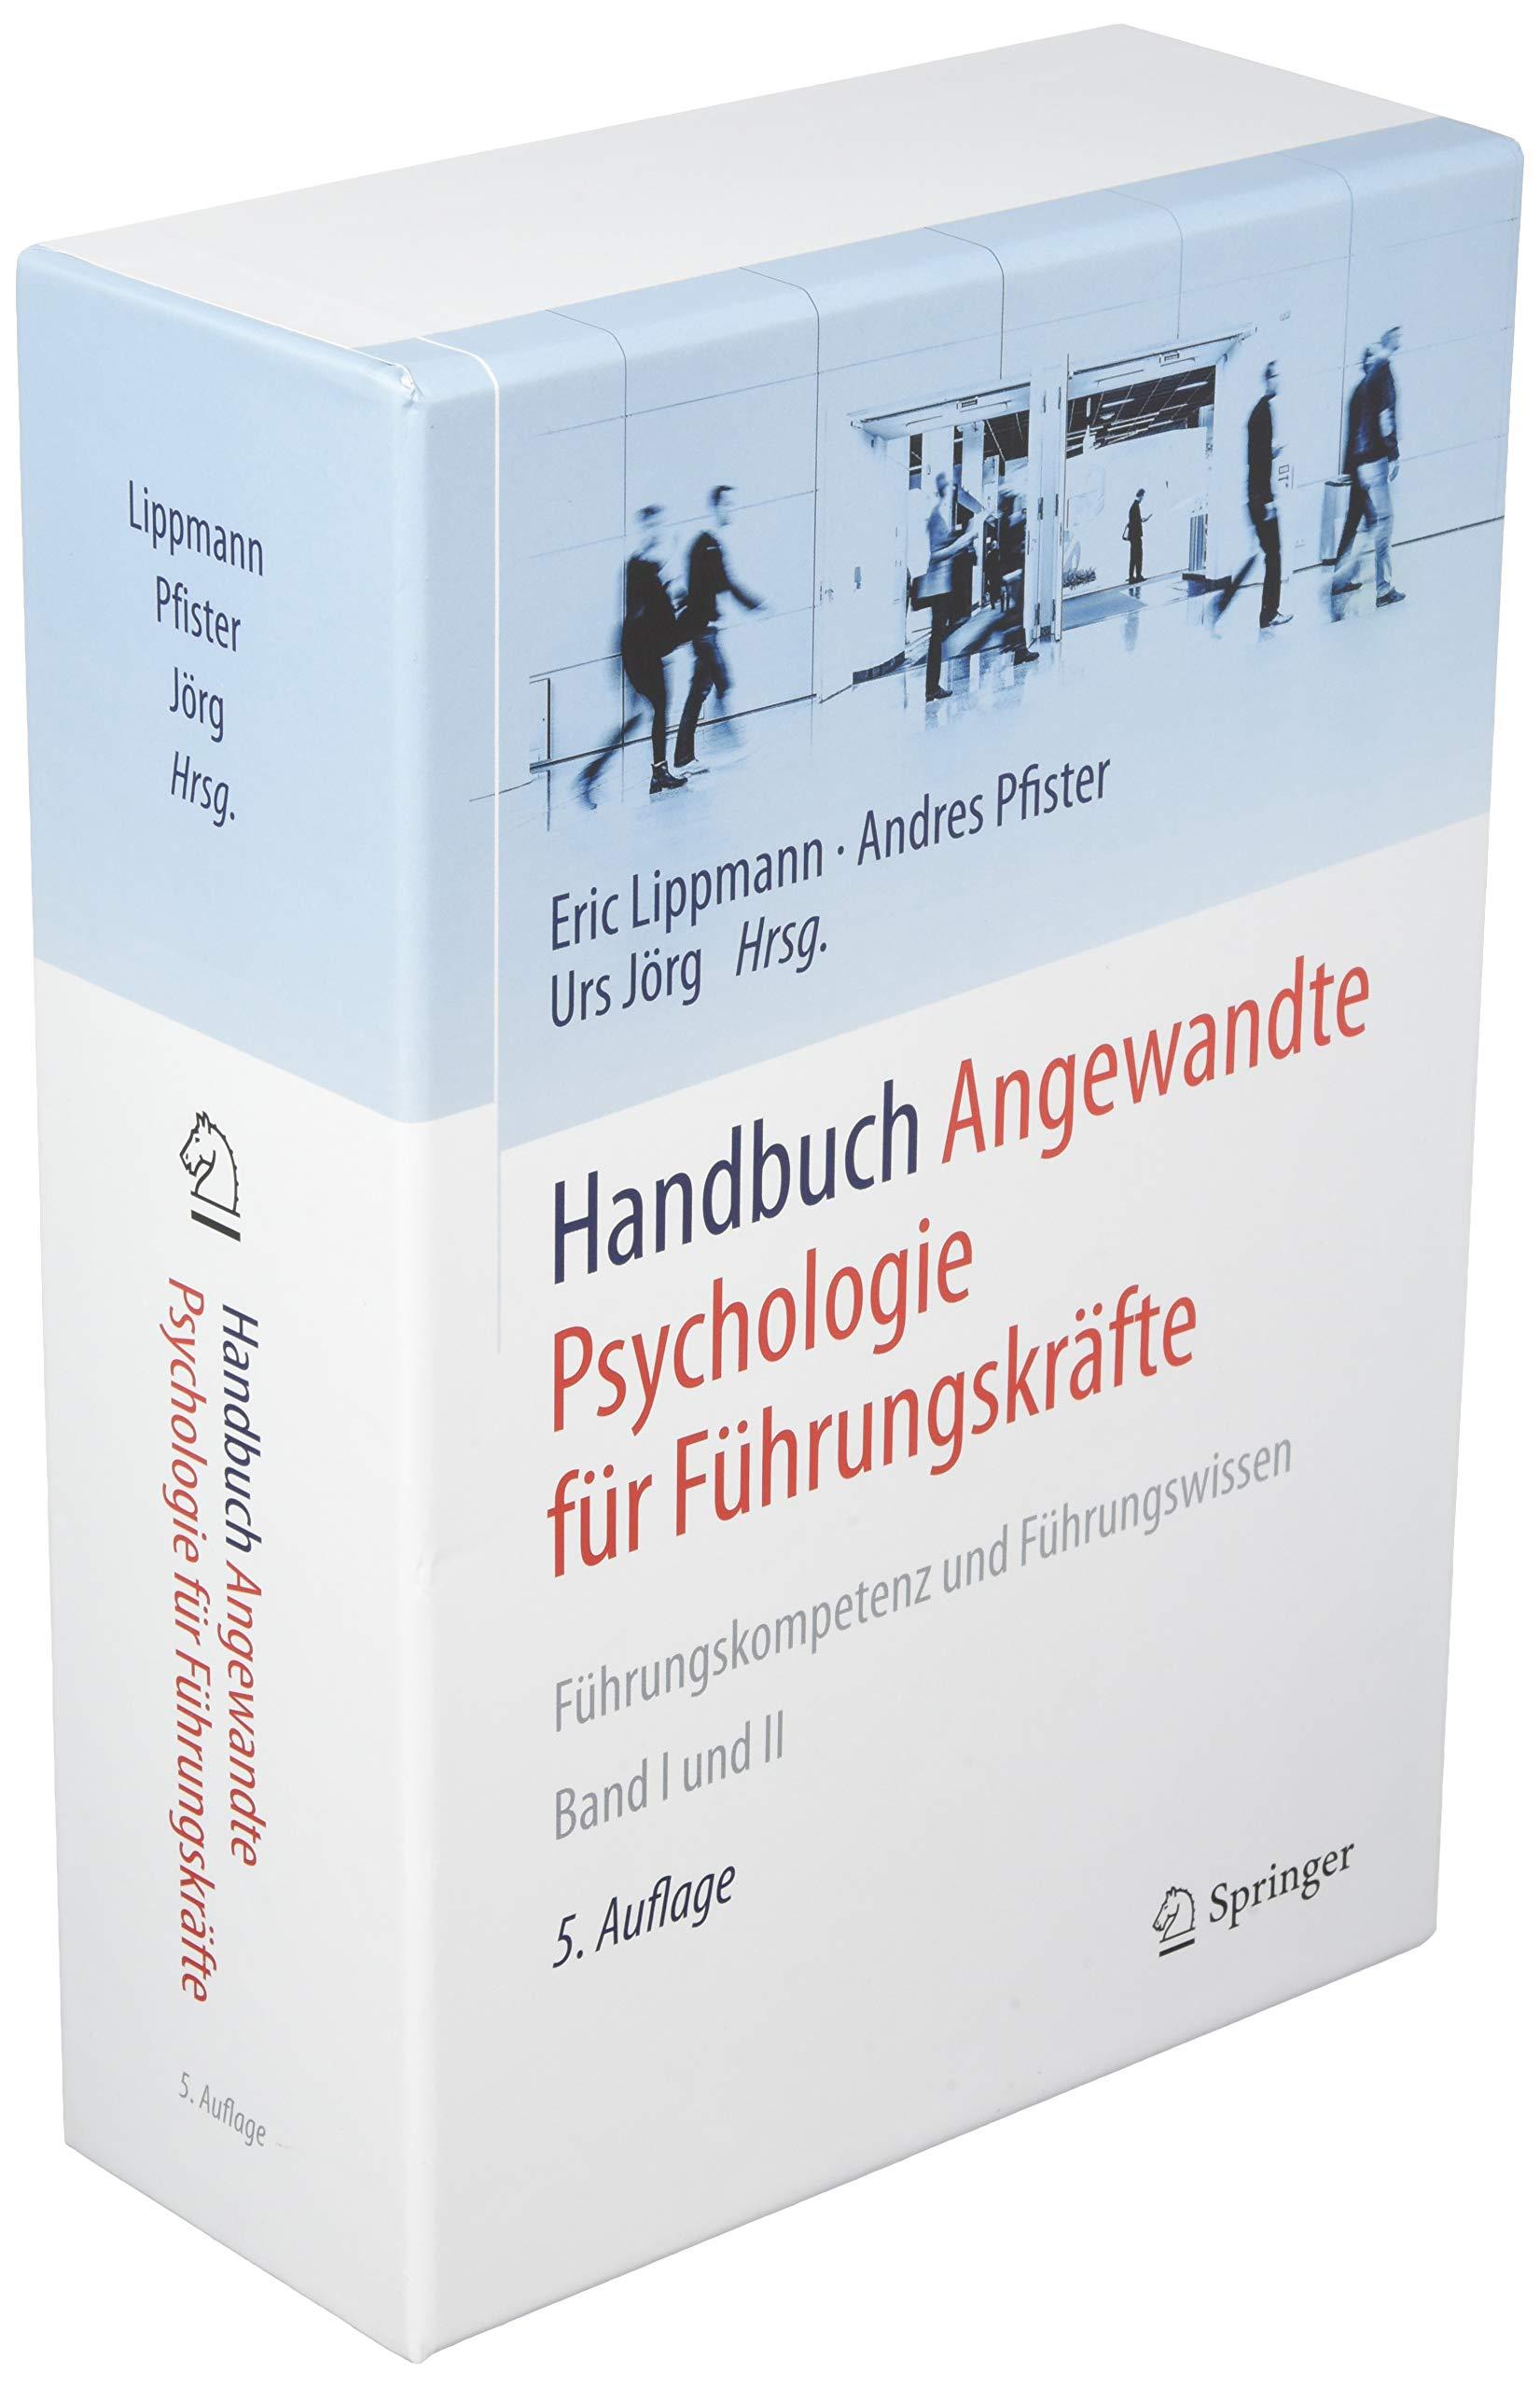 11b85d7b853f0d Handbuch Angewandte Psychologie für Führungskräfte  Führungskompetenz und  Führungswissen  Amazon.de  Eric Lippmann